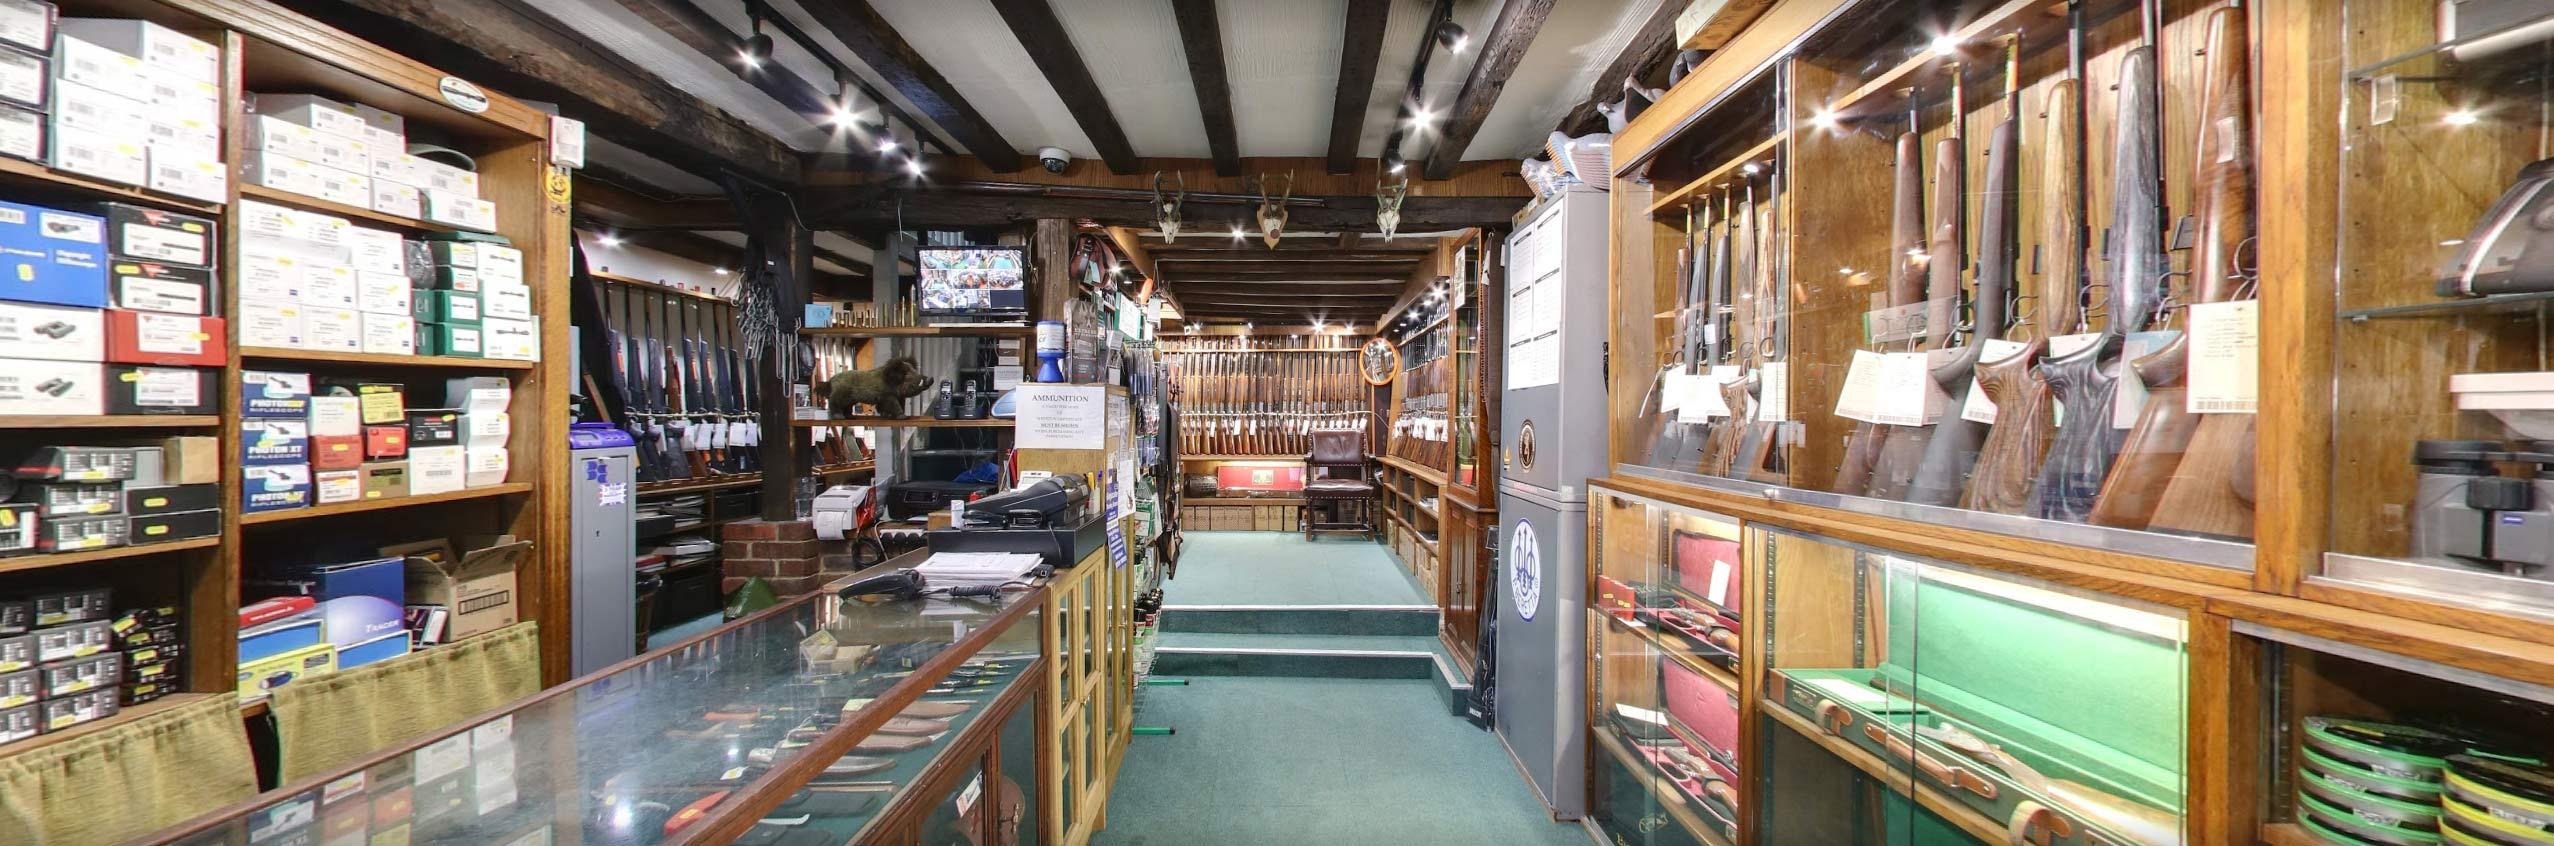 Gun-Shop-Interior-01